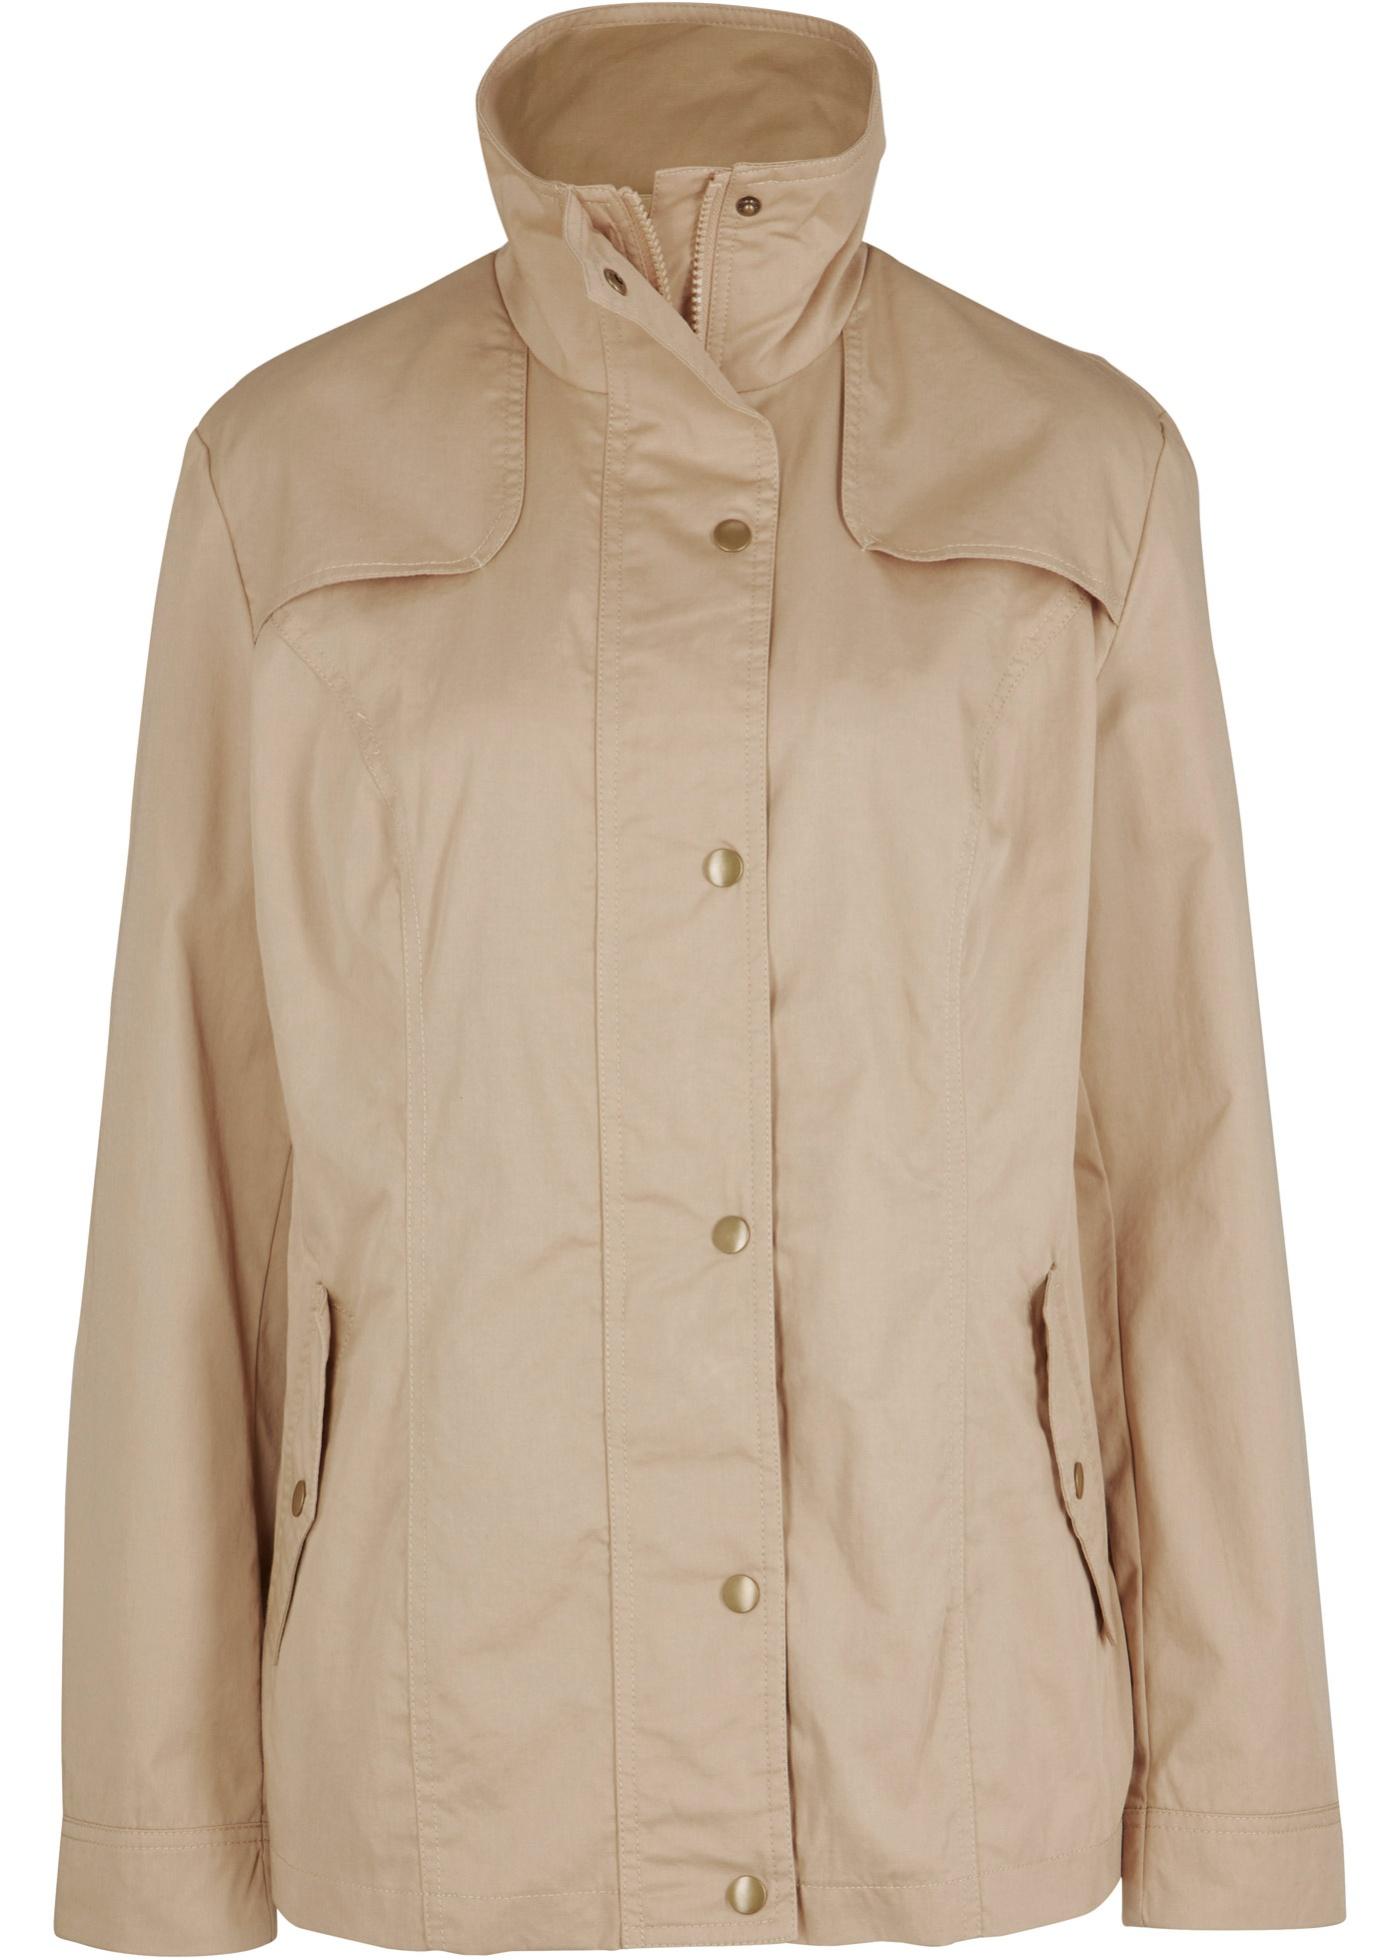 Jacke mit Stehkragen langarm  in beige für Damen von bonprix